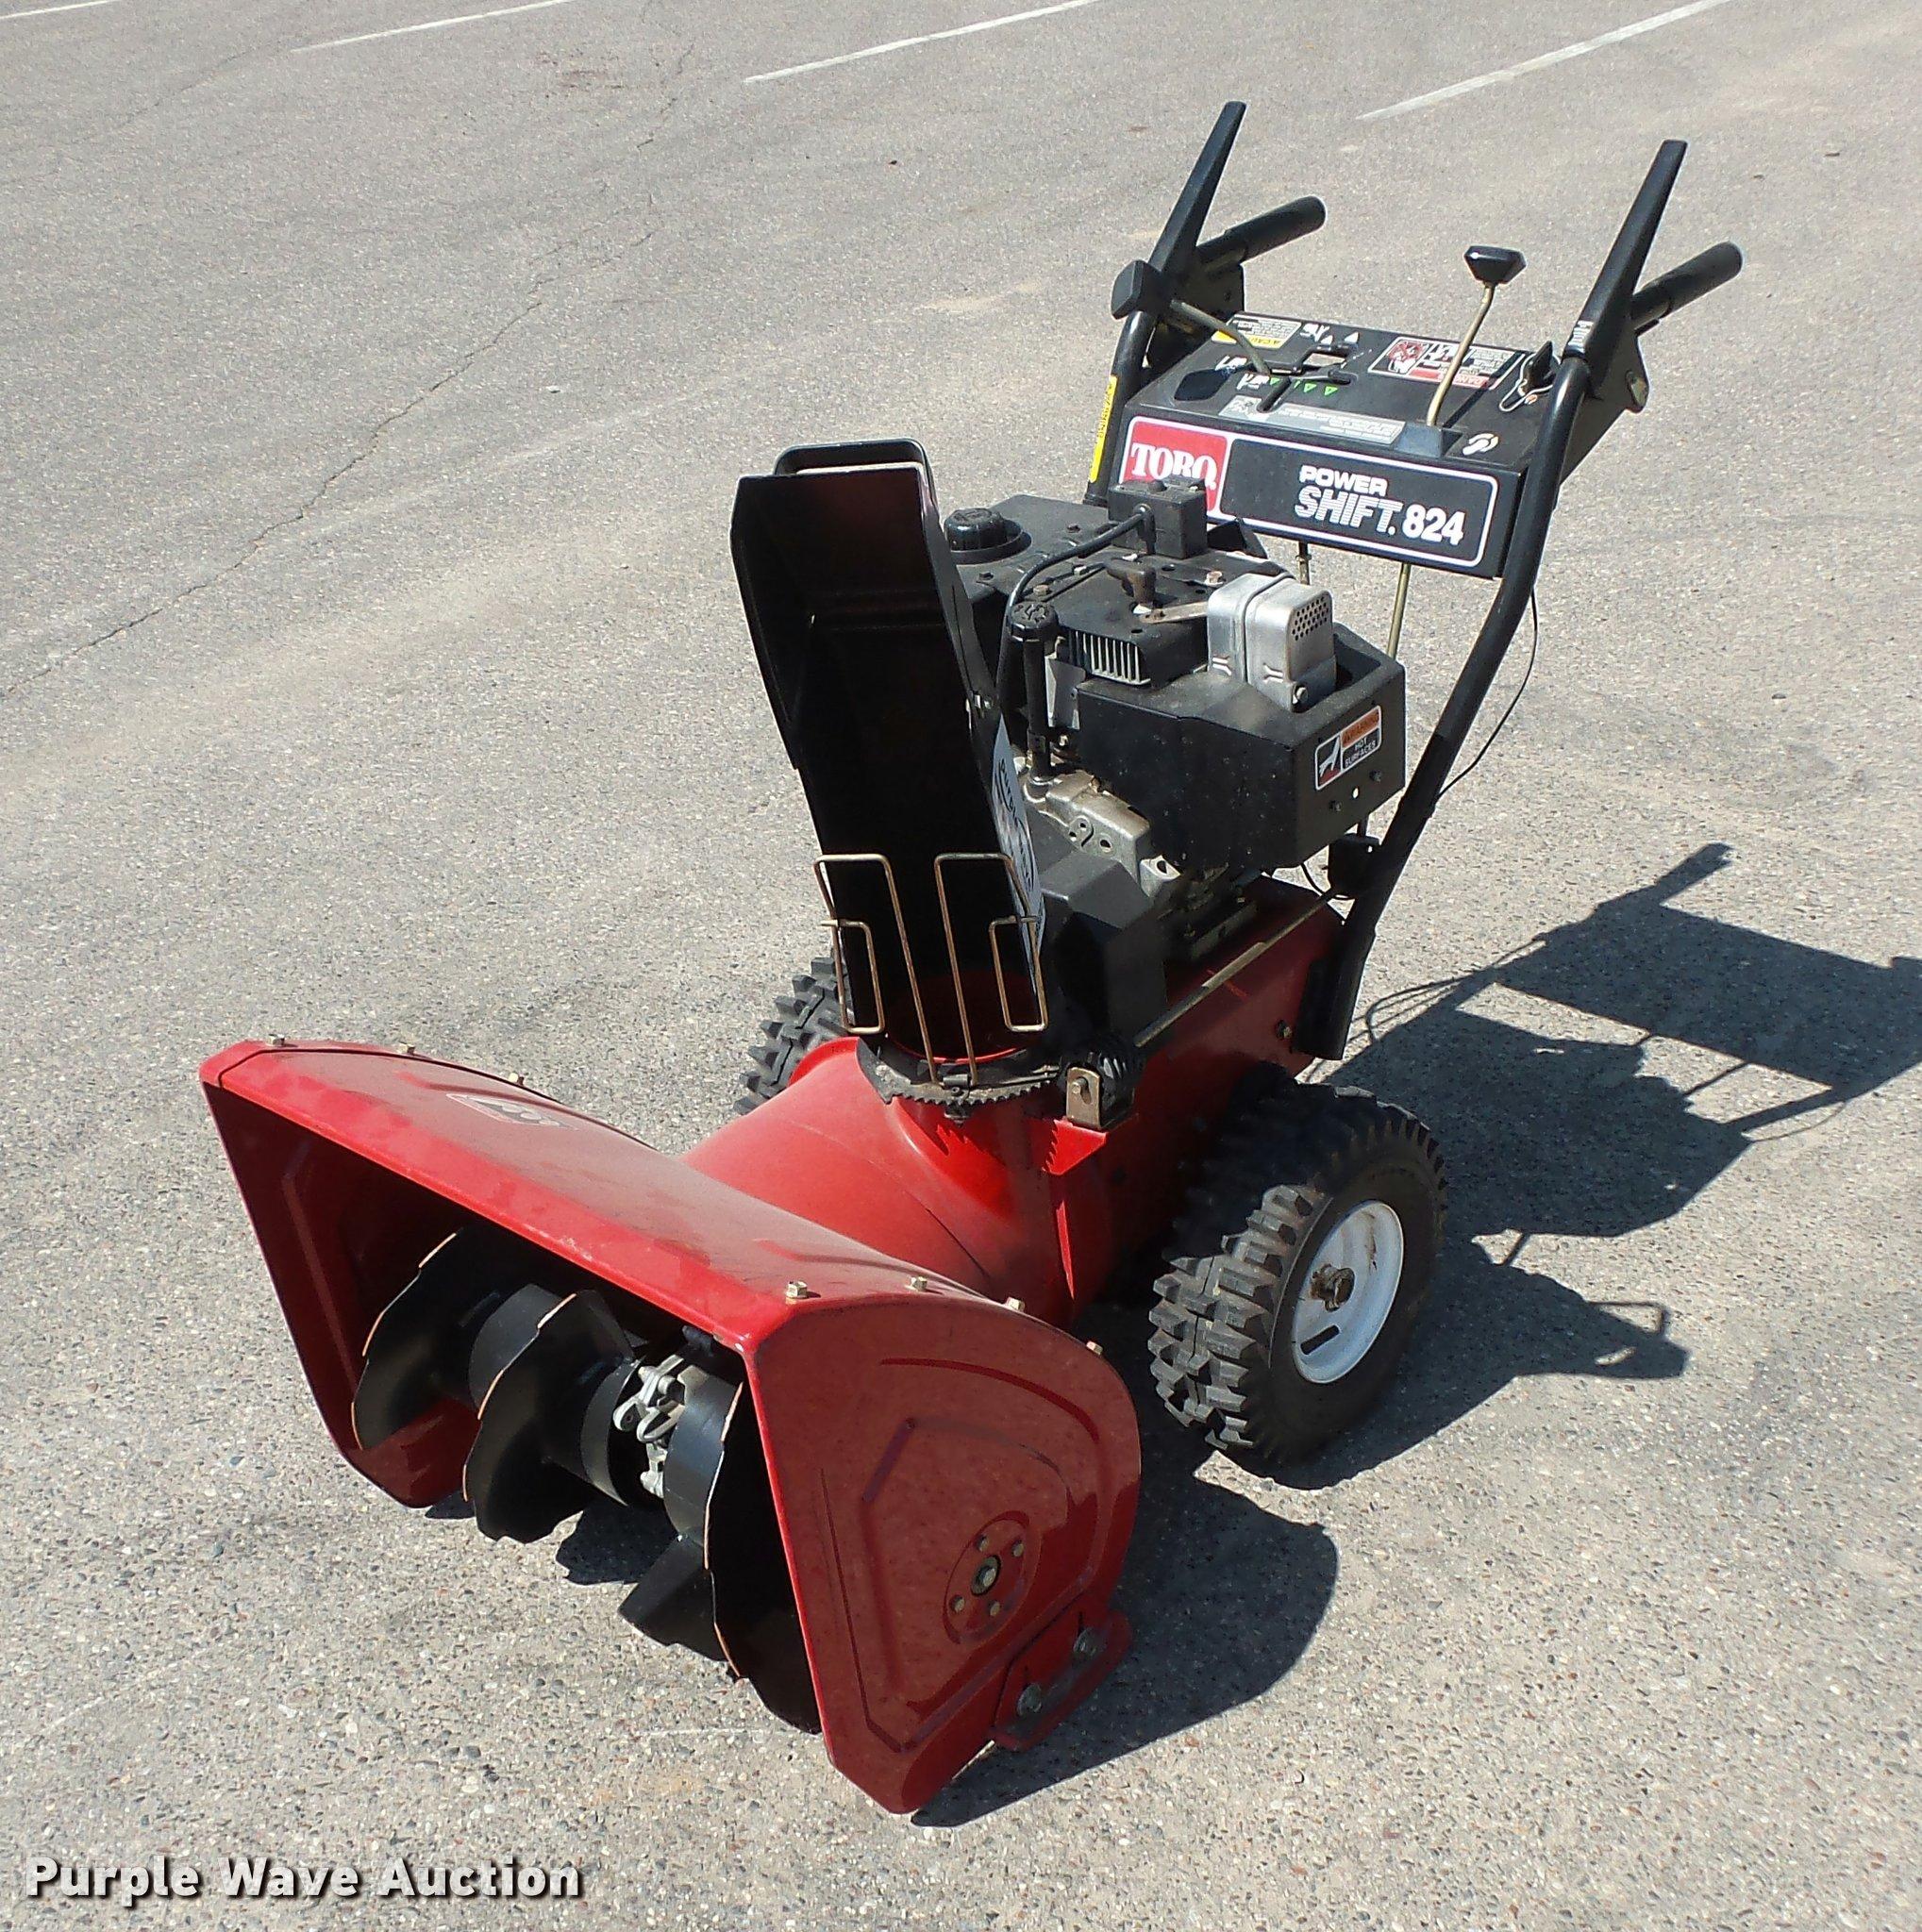 Toro Power Shift 824 Snow Blower